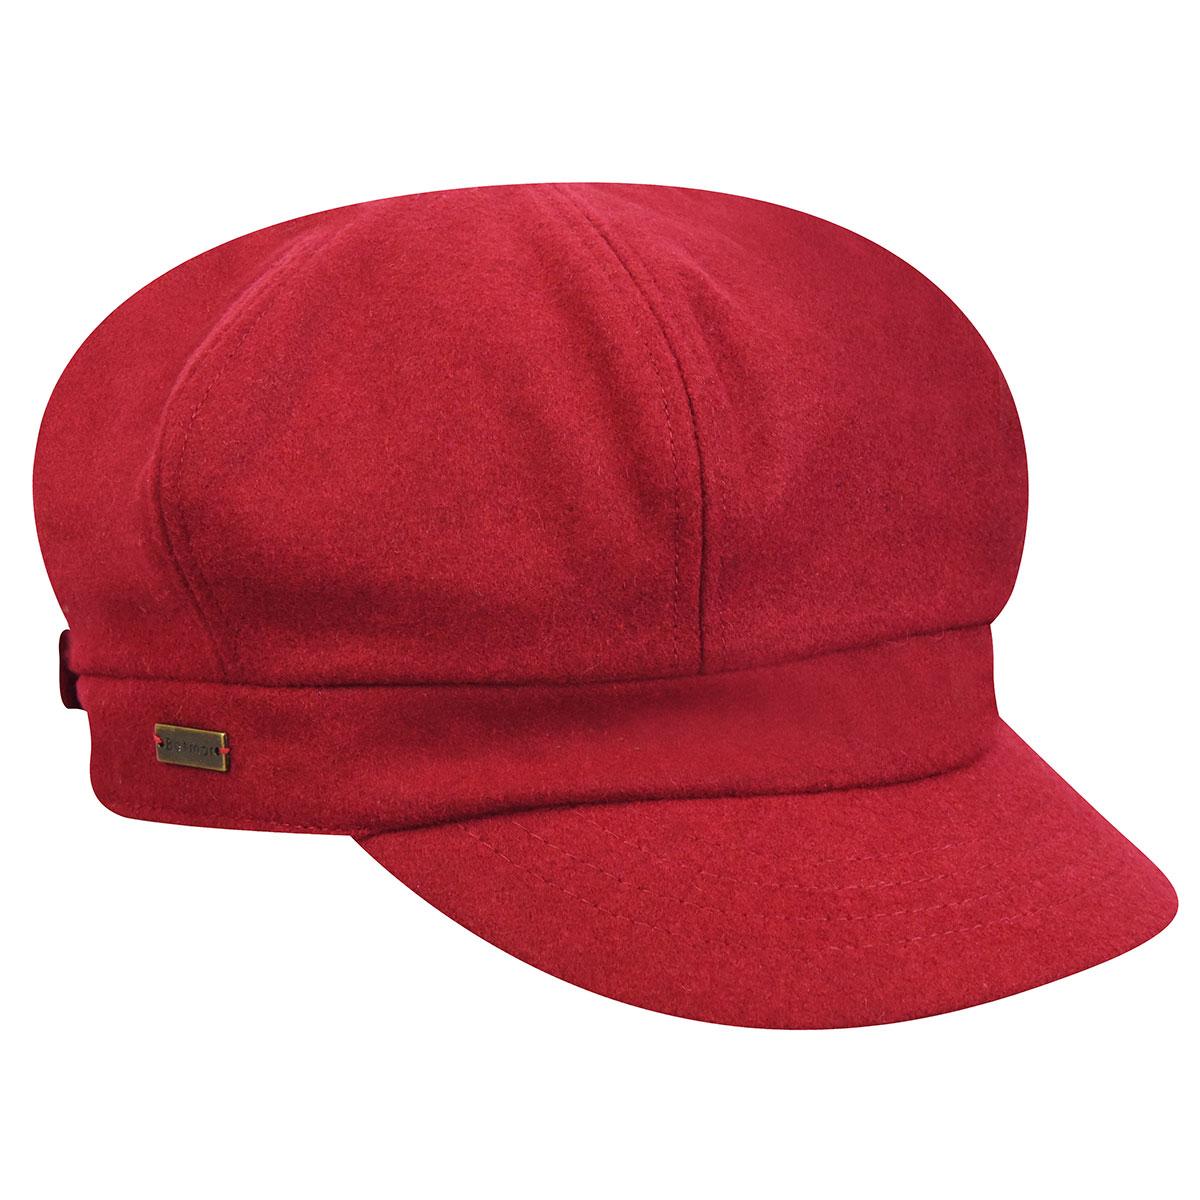 Betmar Boy Meets Girl Cap in Red